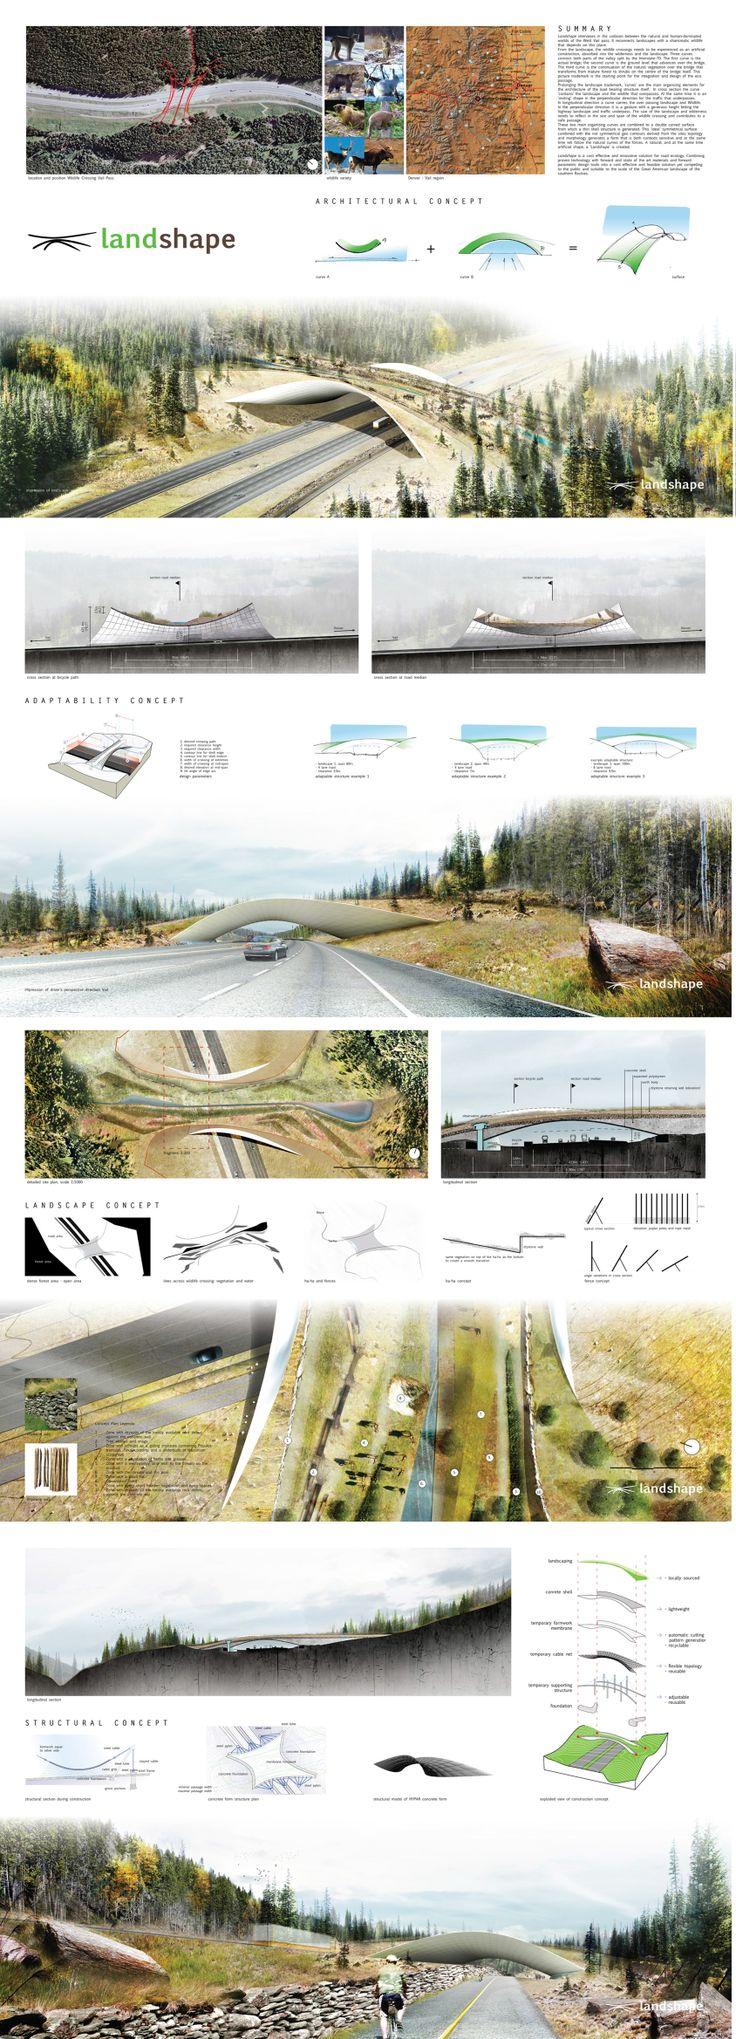 شیت بندی معماری با فتوشاپ 307 - شیت بندی فتوشاپ معماری - حرفه ای ترین ها (قسمت چهارم)